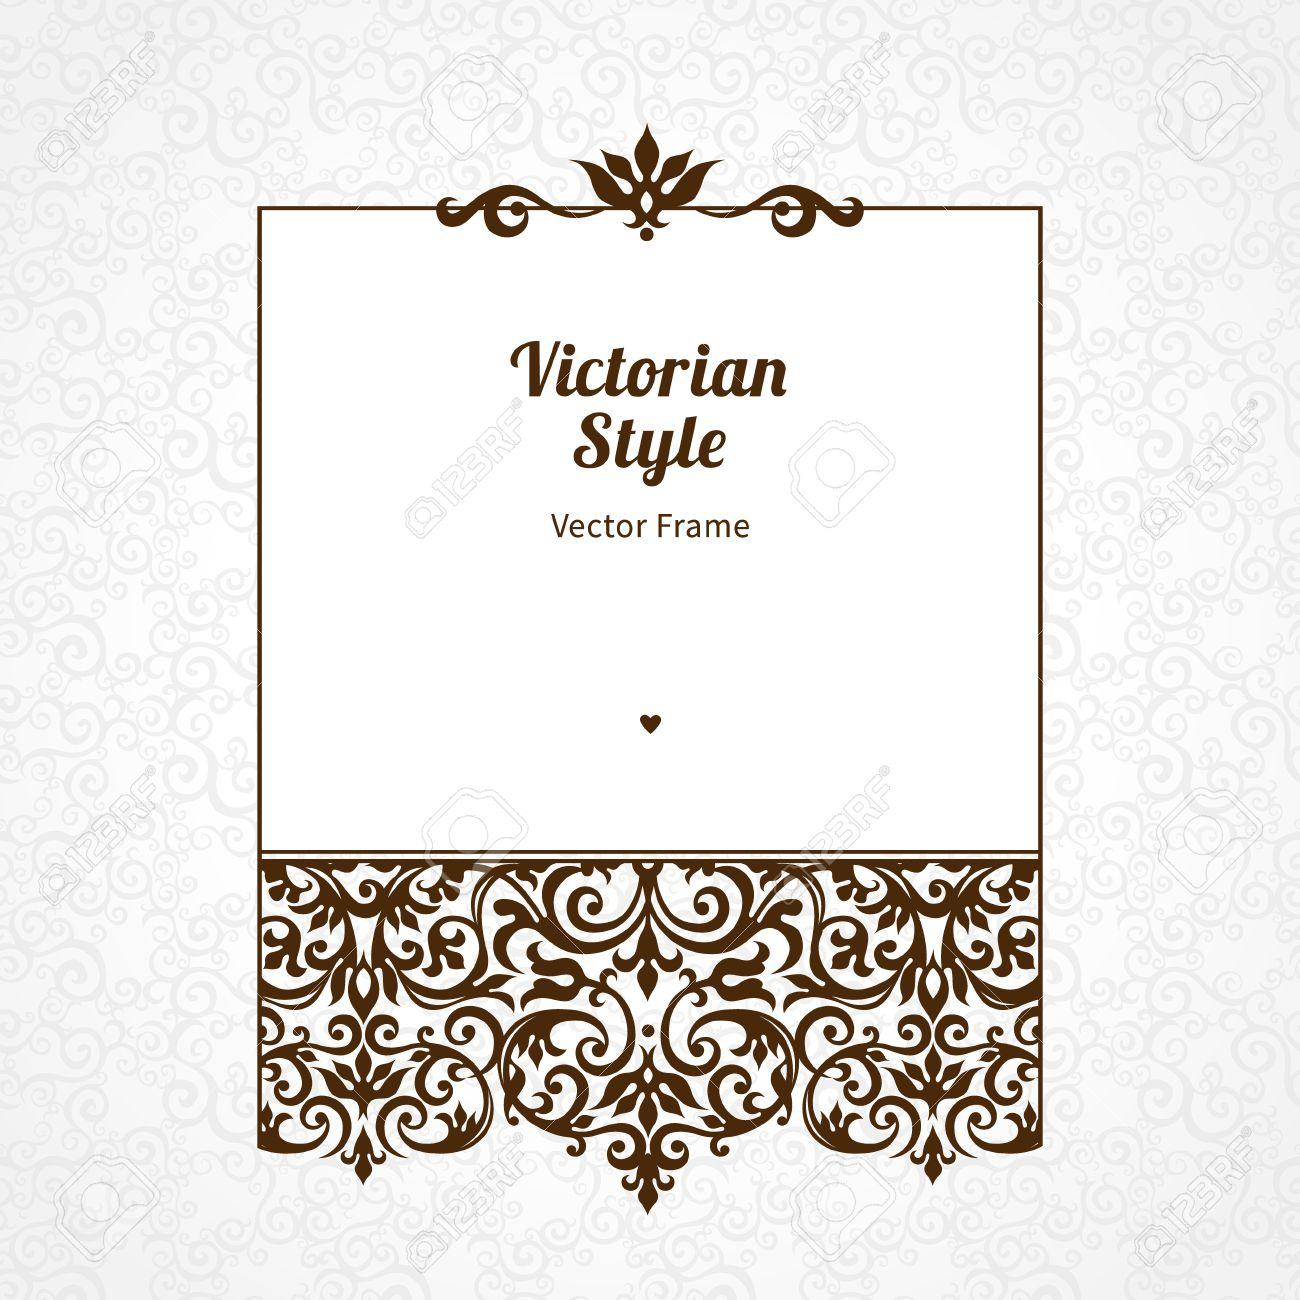 Vektor Zierrahmen Im Viktorianischen Stil. Elegante Element Für ...